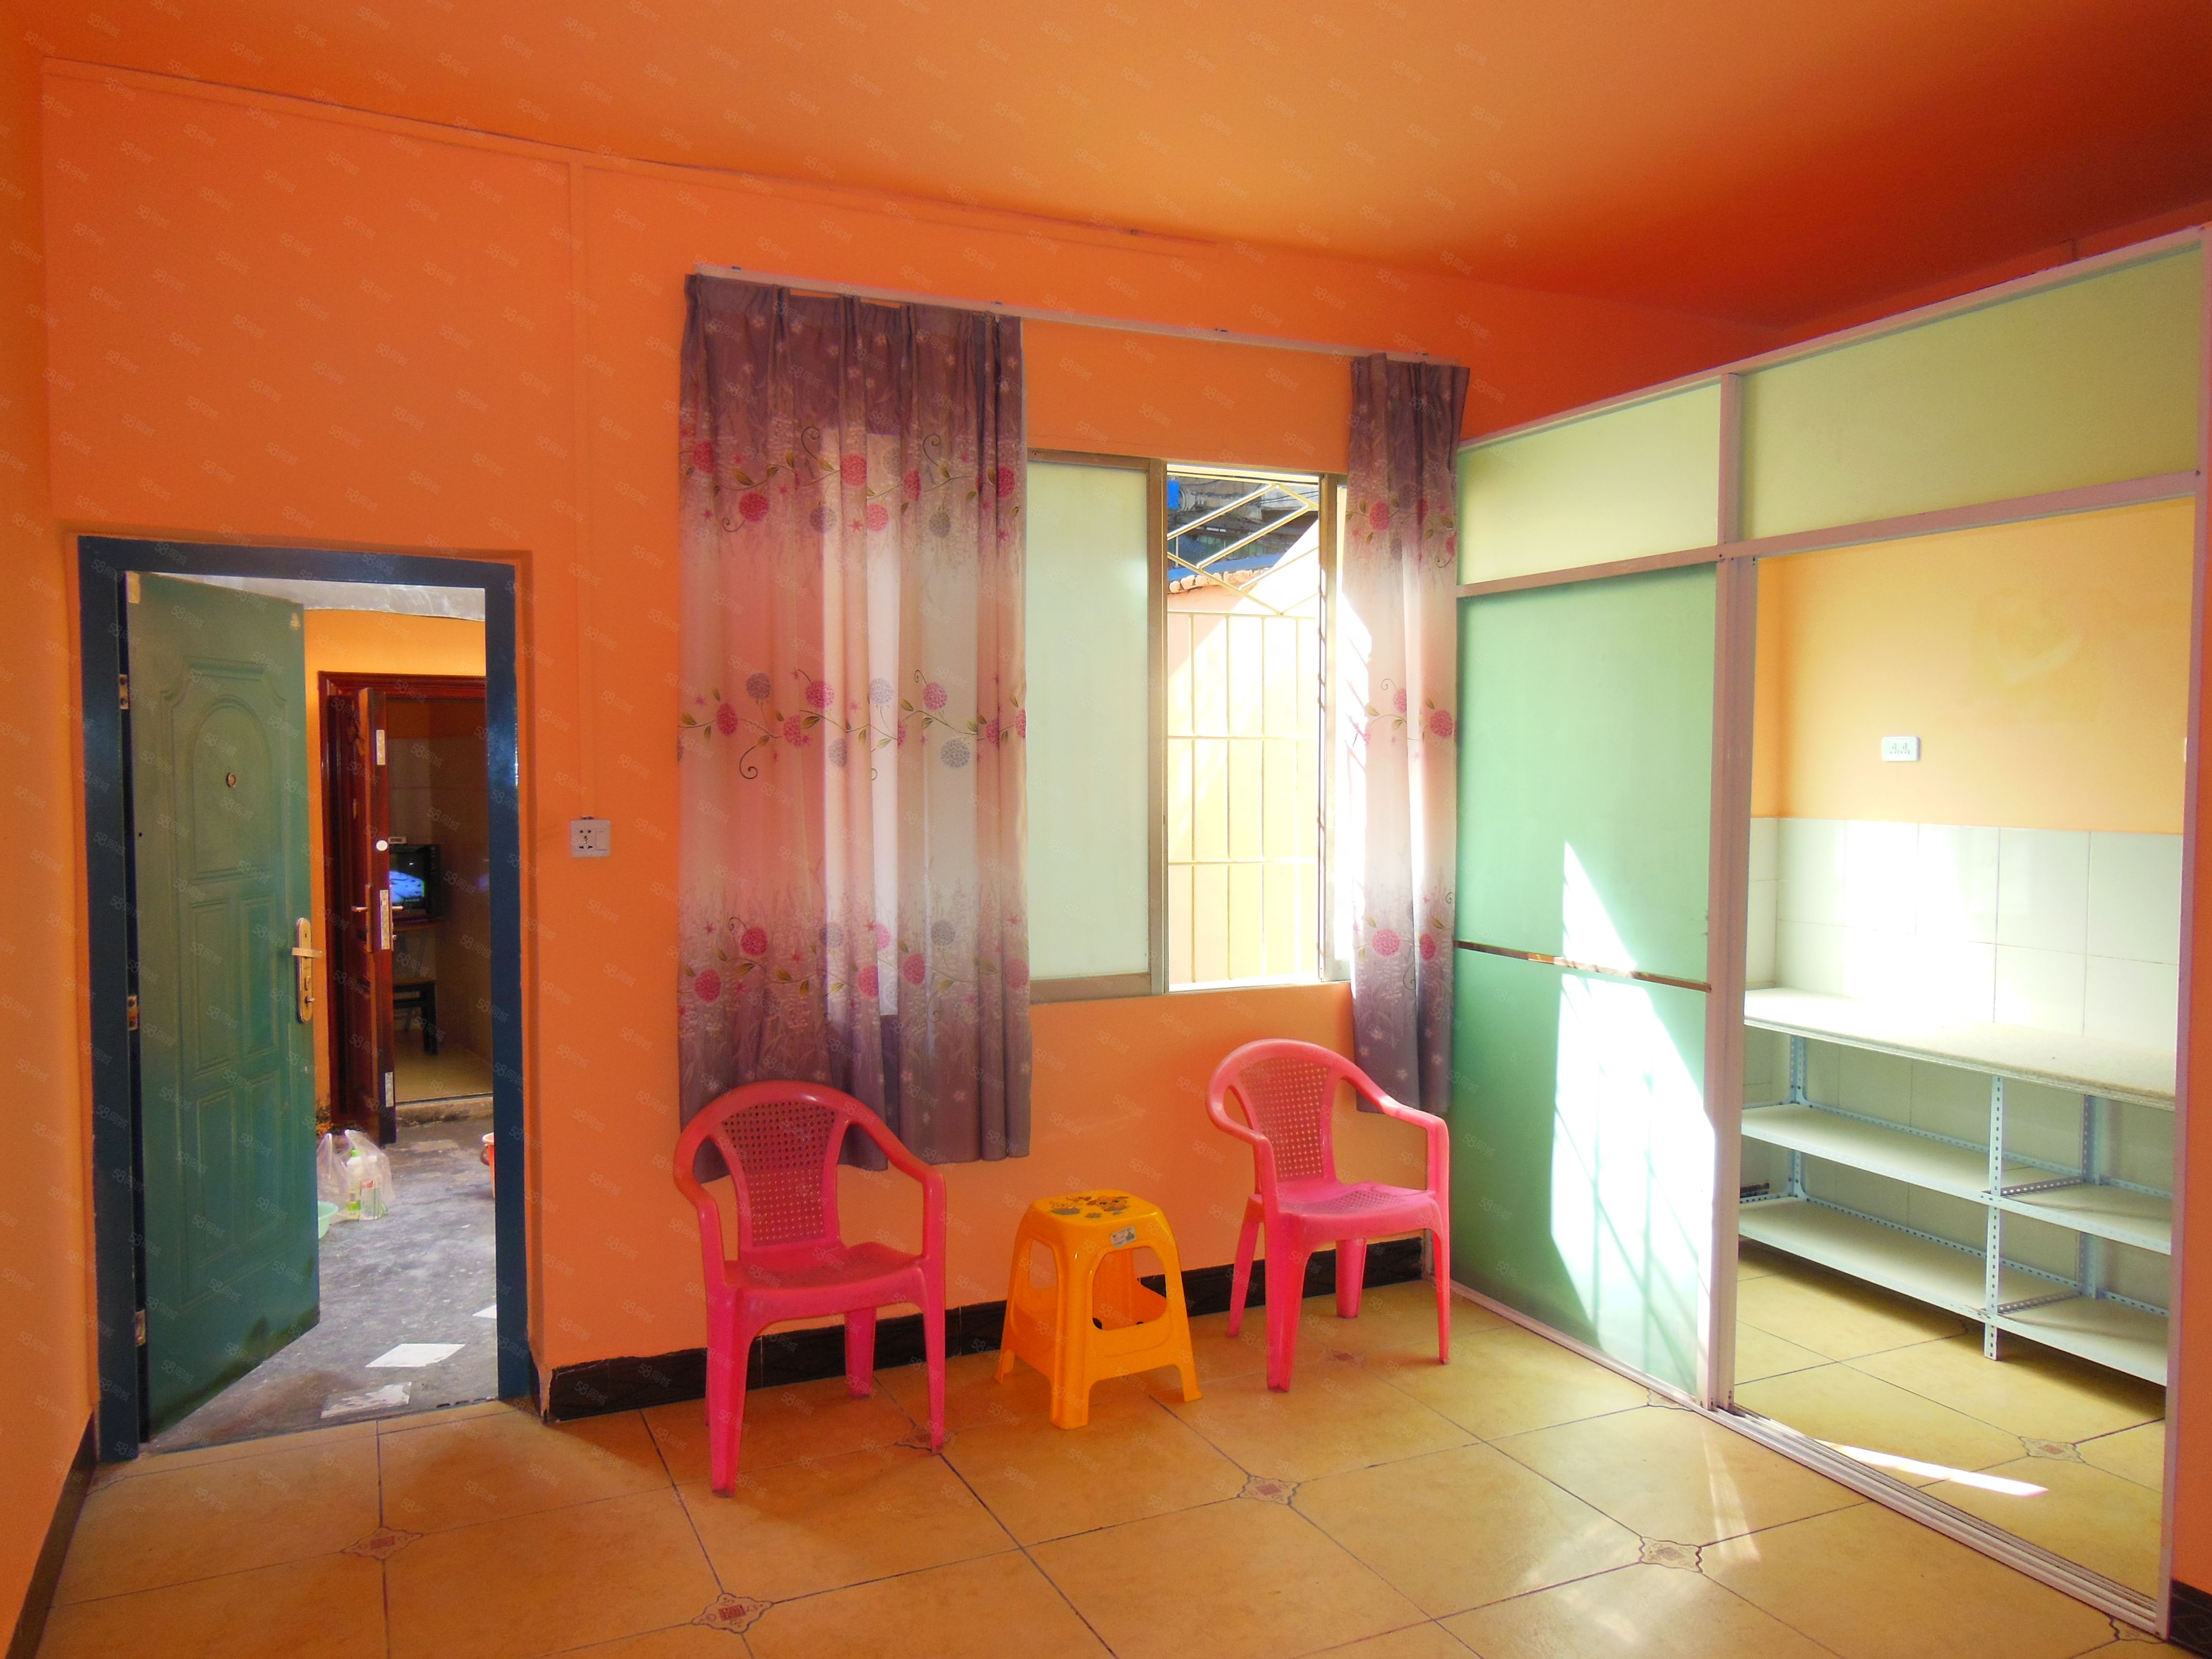 金凤凰房产公寓T610开发区乌江片片鱼附近2室,部分东西